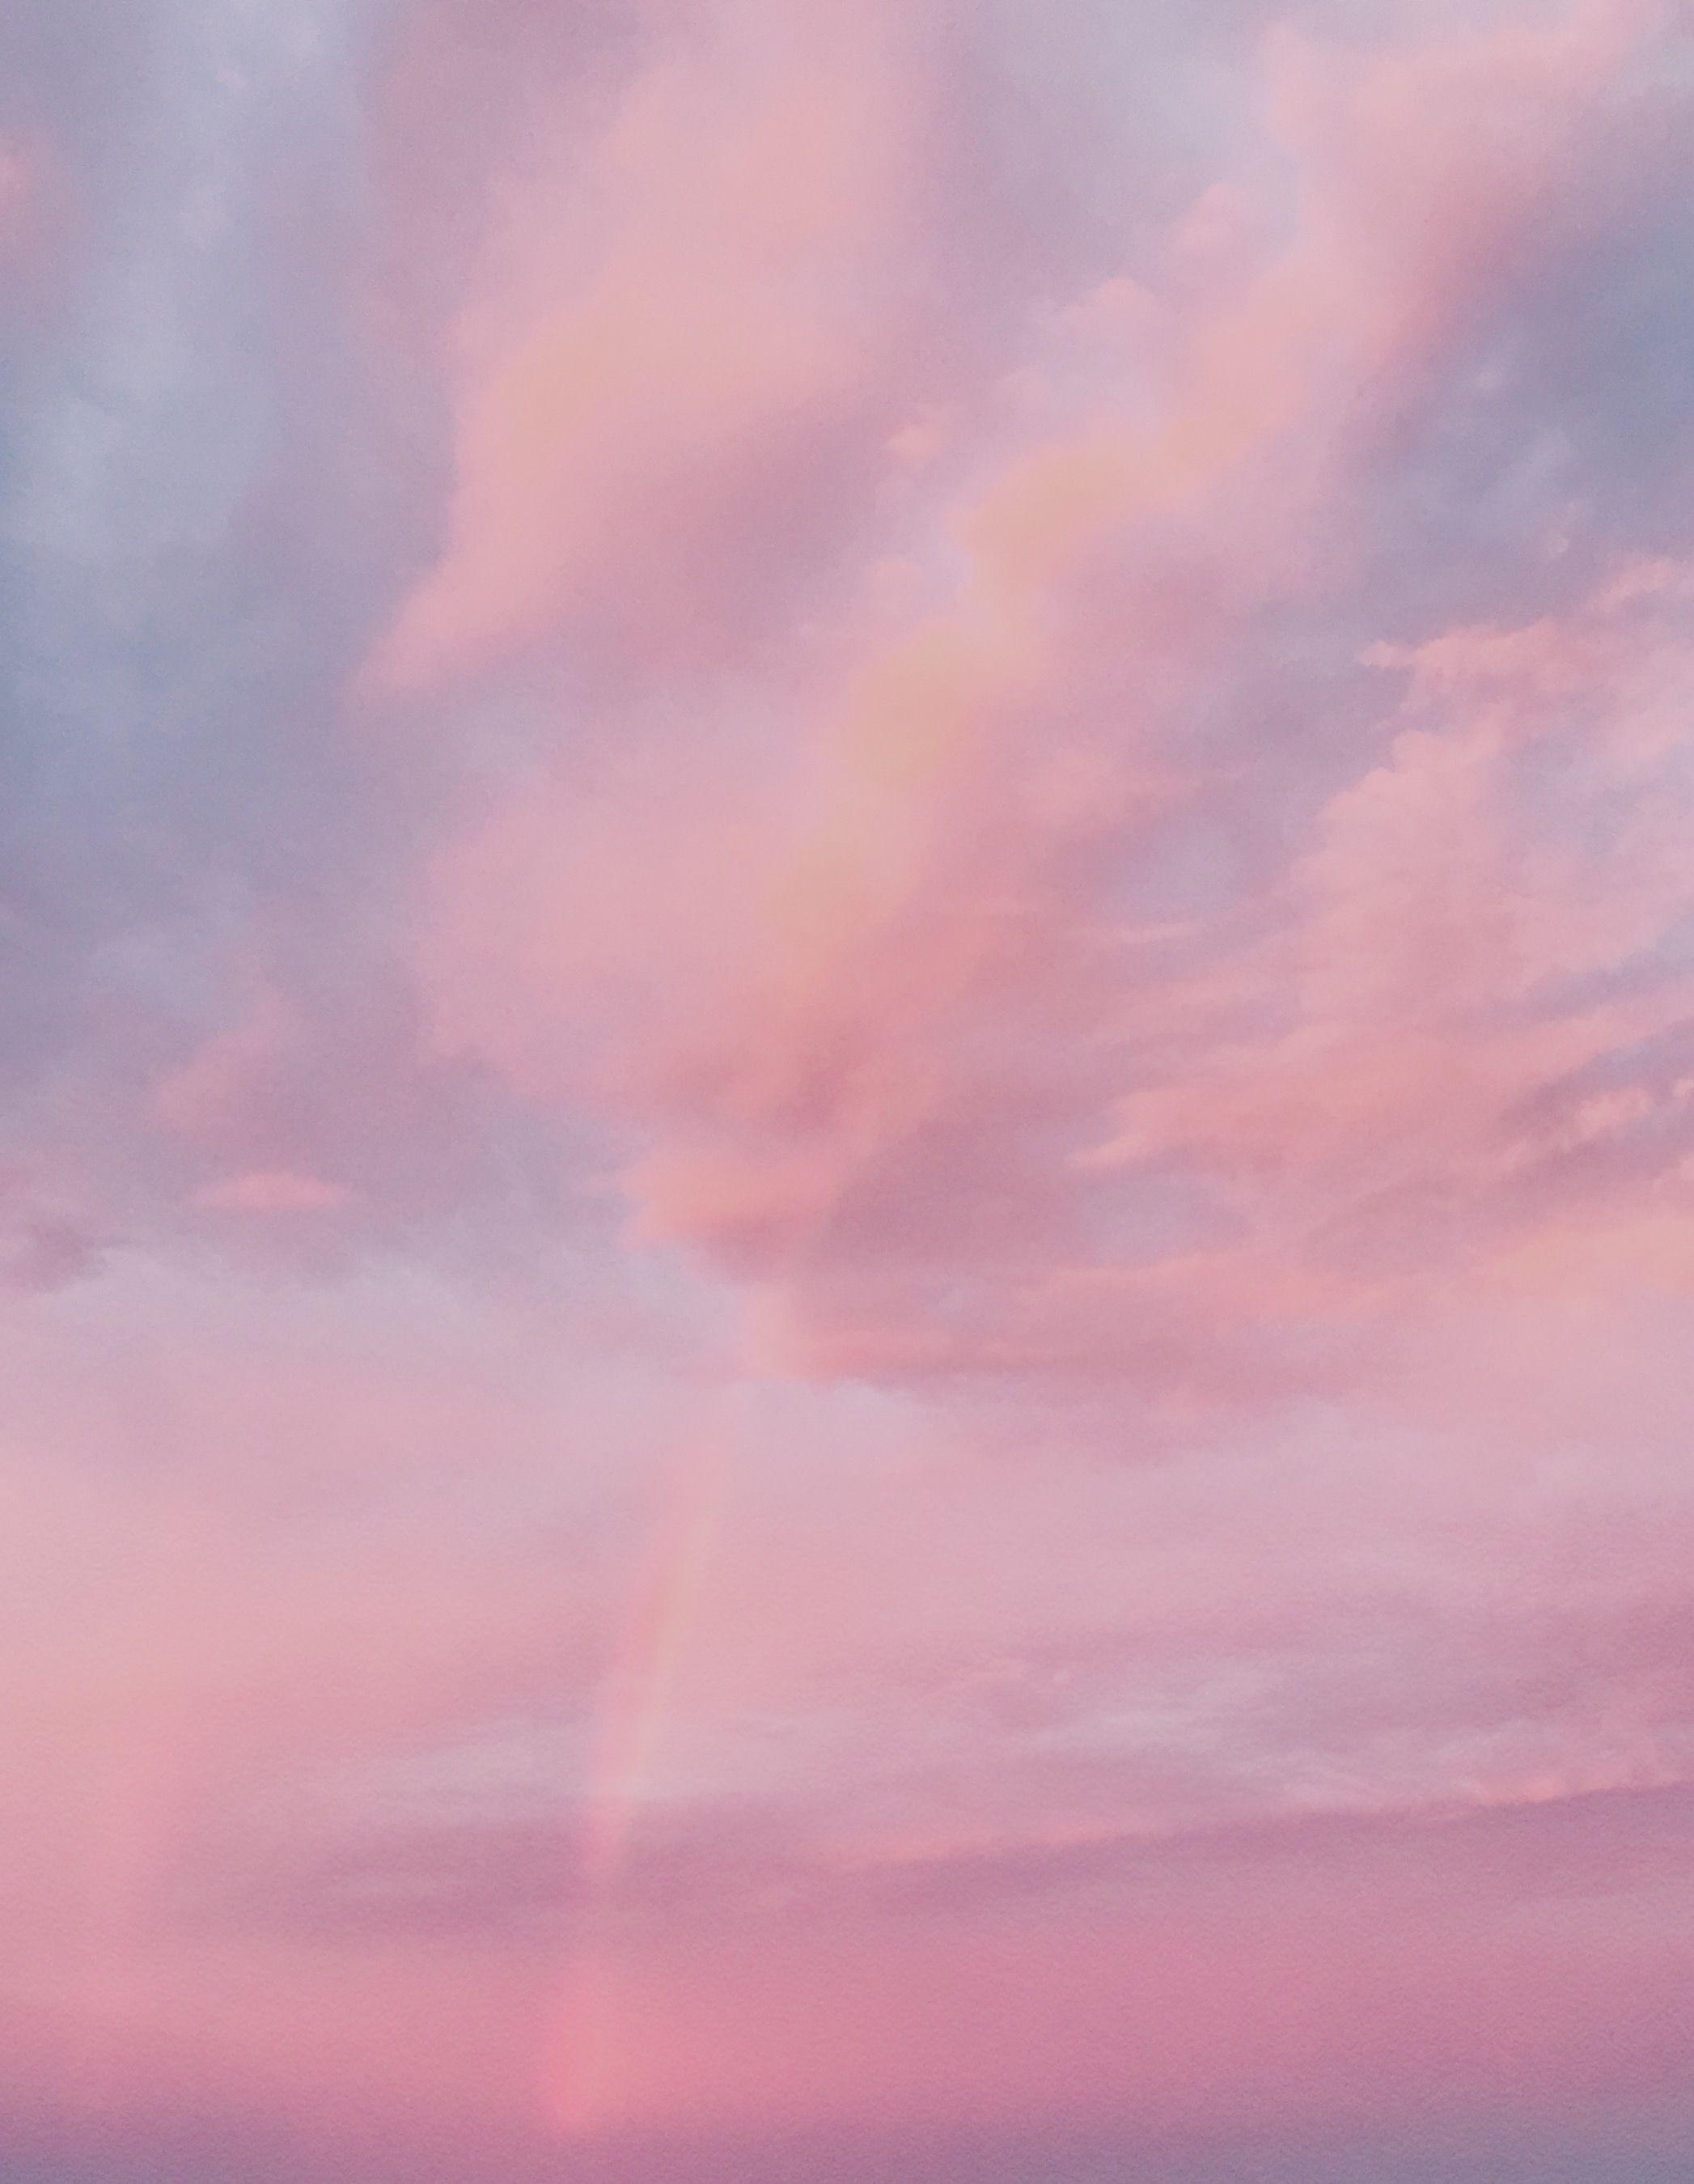 C Ellaoliveir Sky Aesthetic Pink Sky Pastel Pink Aesthetic